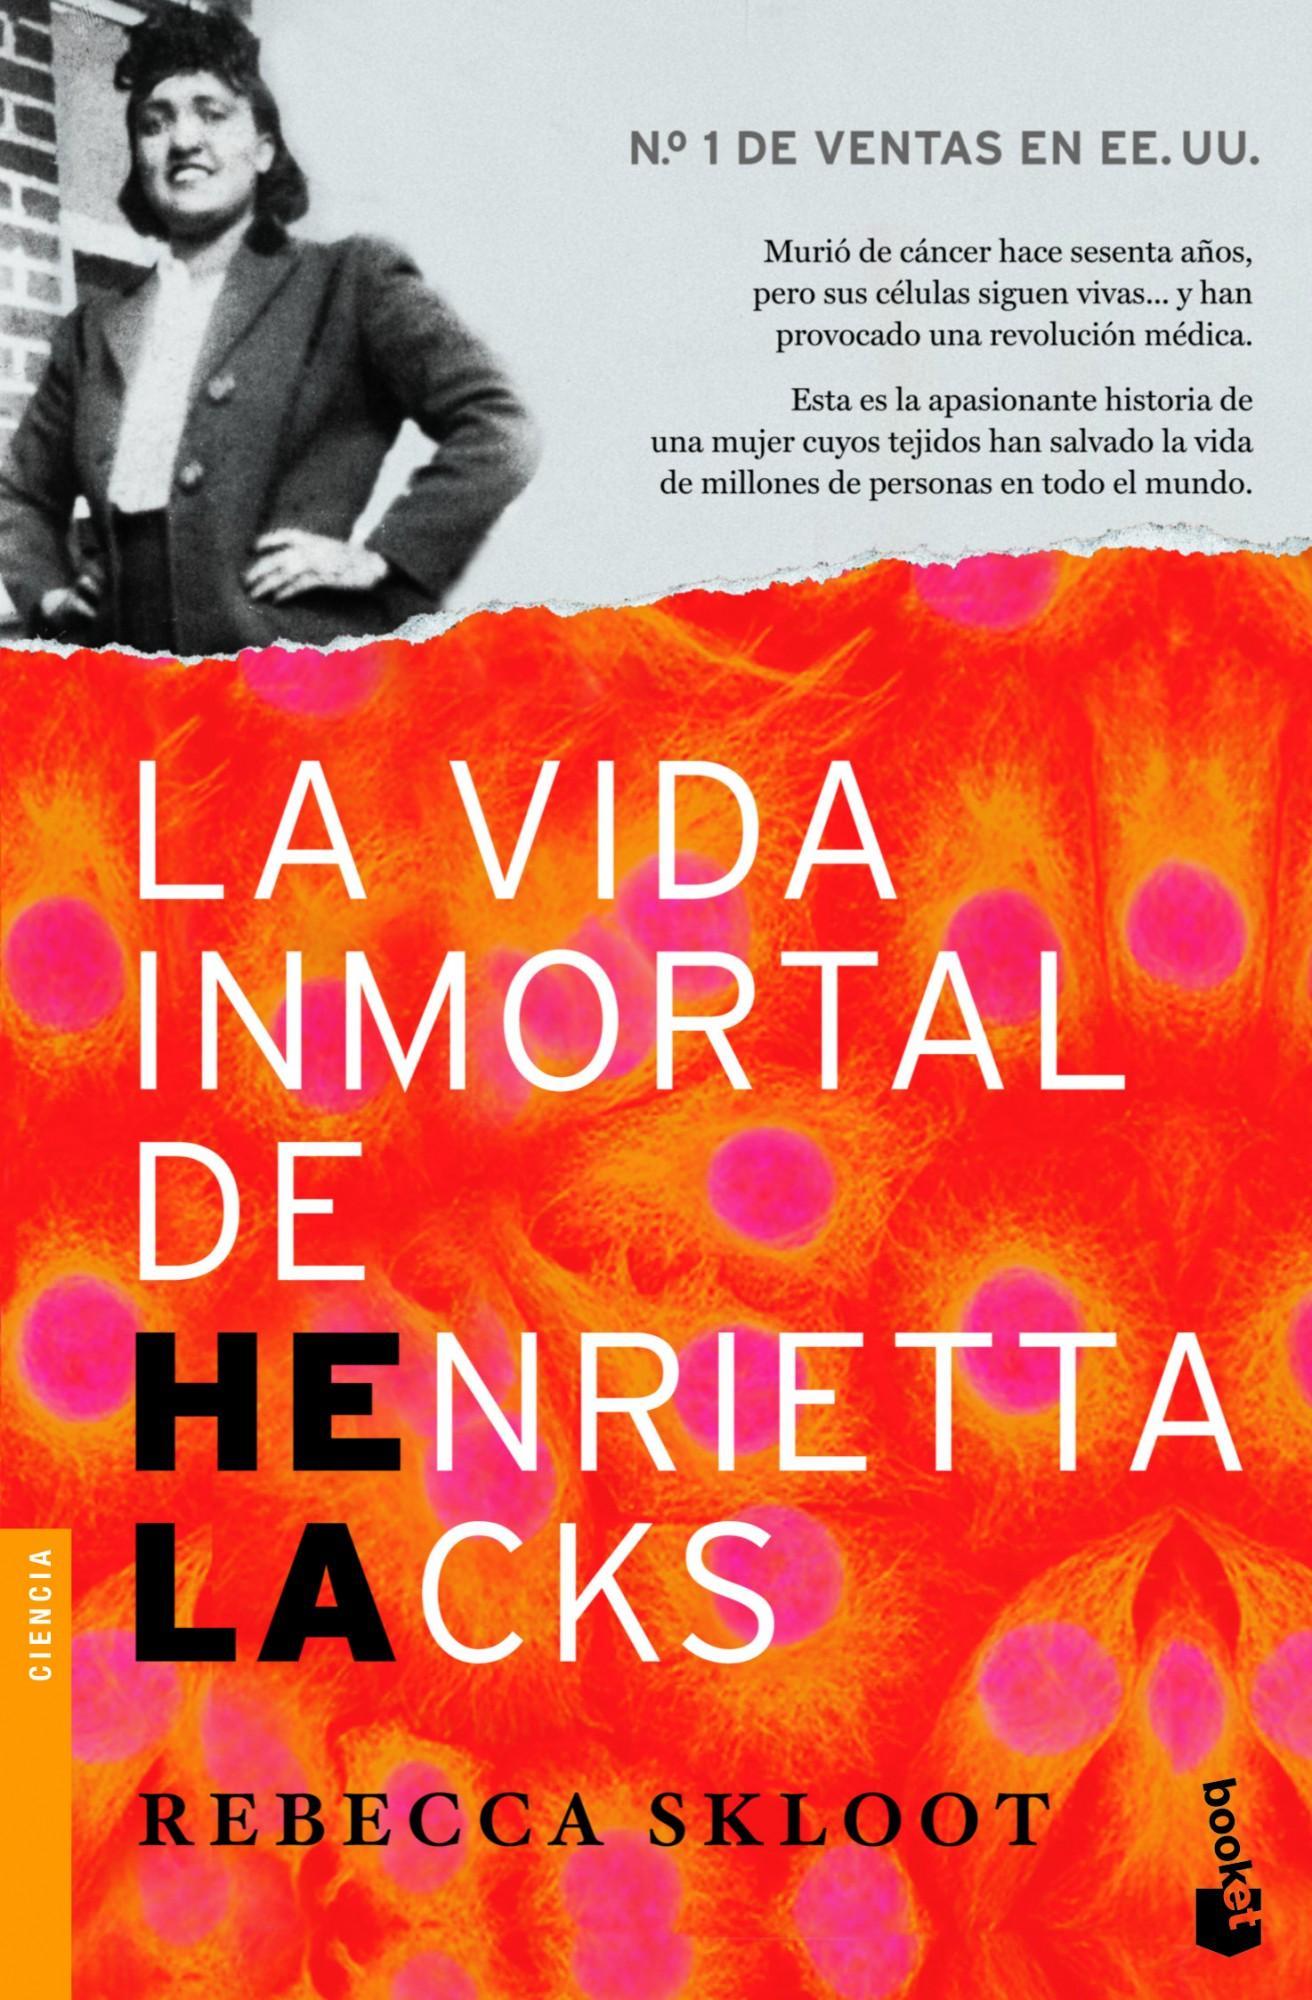 84. La vida inmortal de Henrietta Lacks